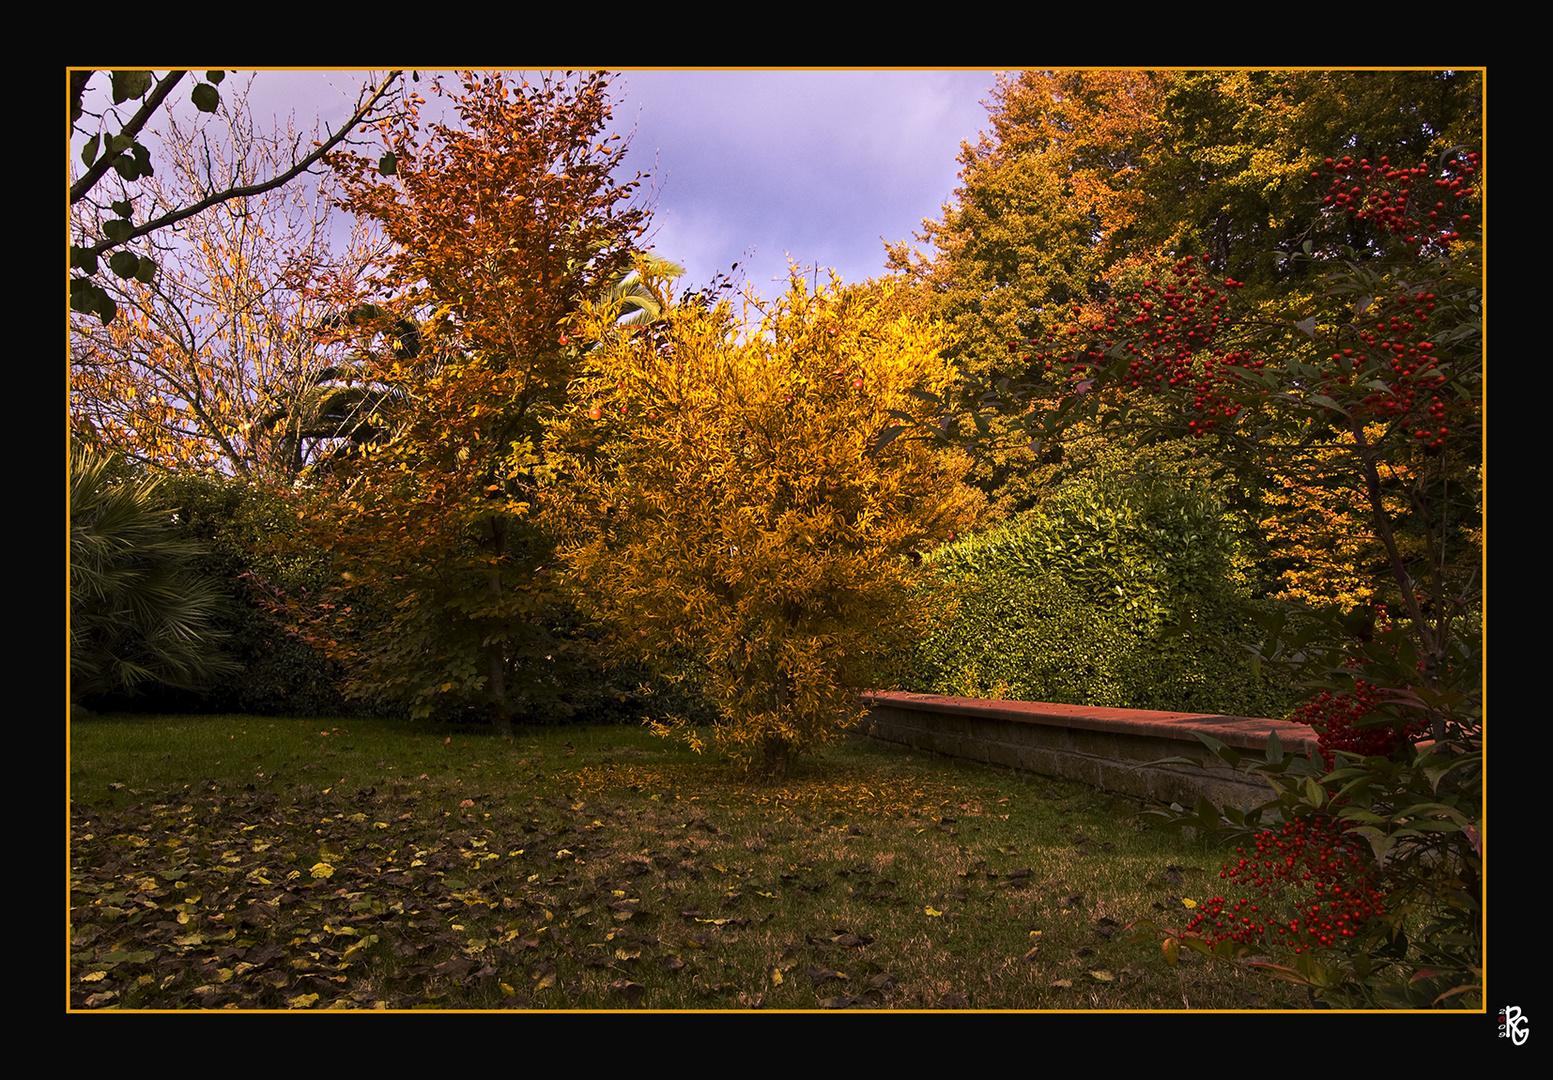 Nel mio giardino e' arrivato l'autunno